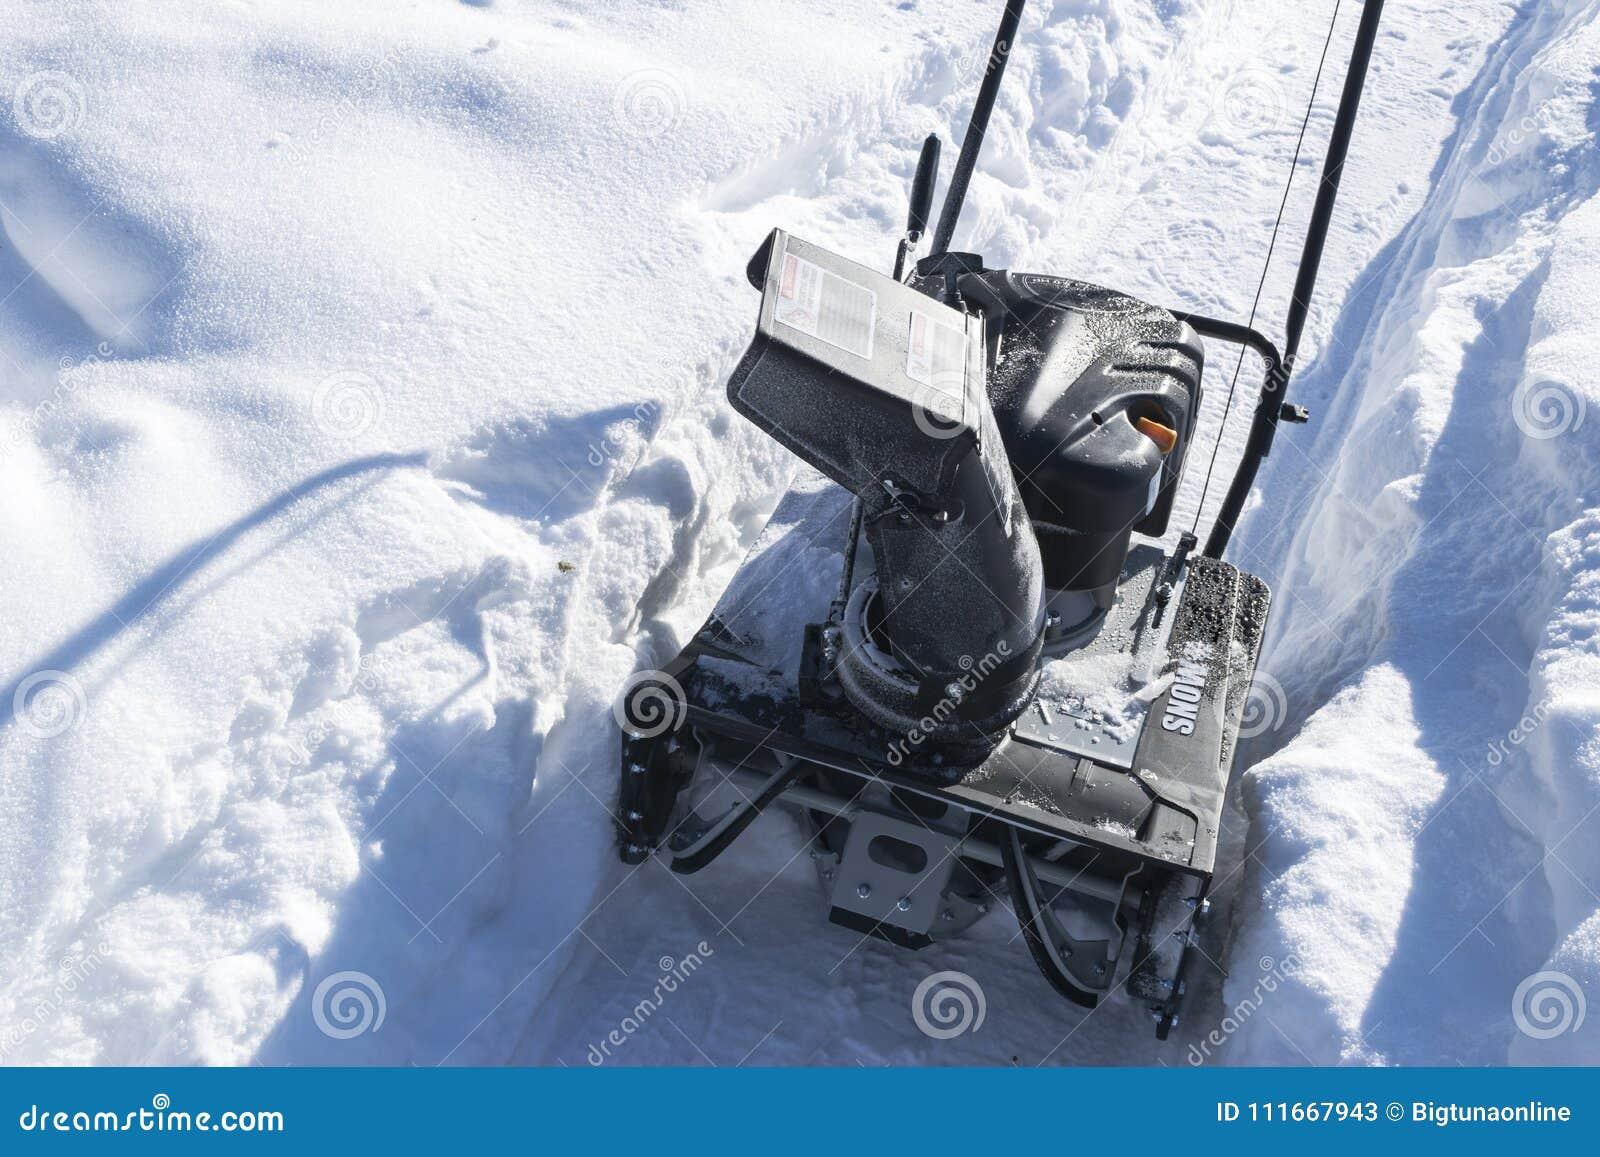 Souffleuse de neige au travail un jour d hiver Chasse-neige enlevant l afterSnowblower de neige au travail un jour d hiver Chasse